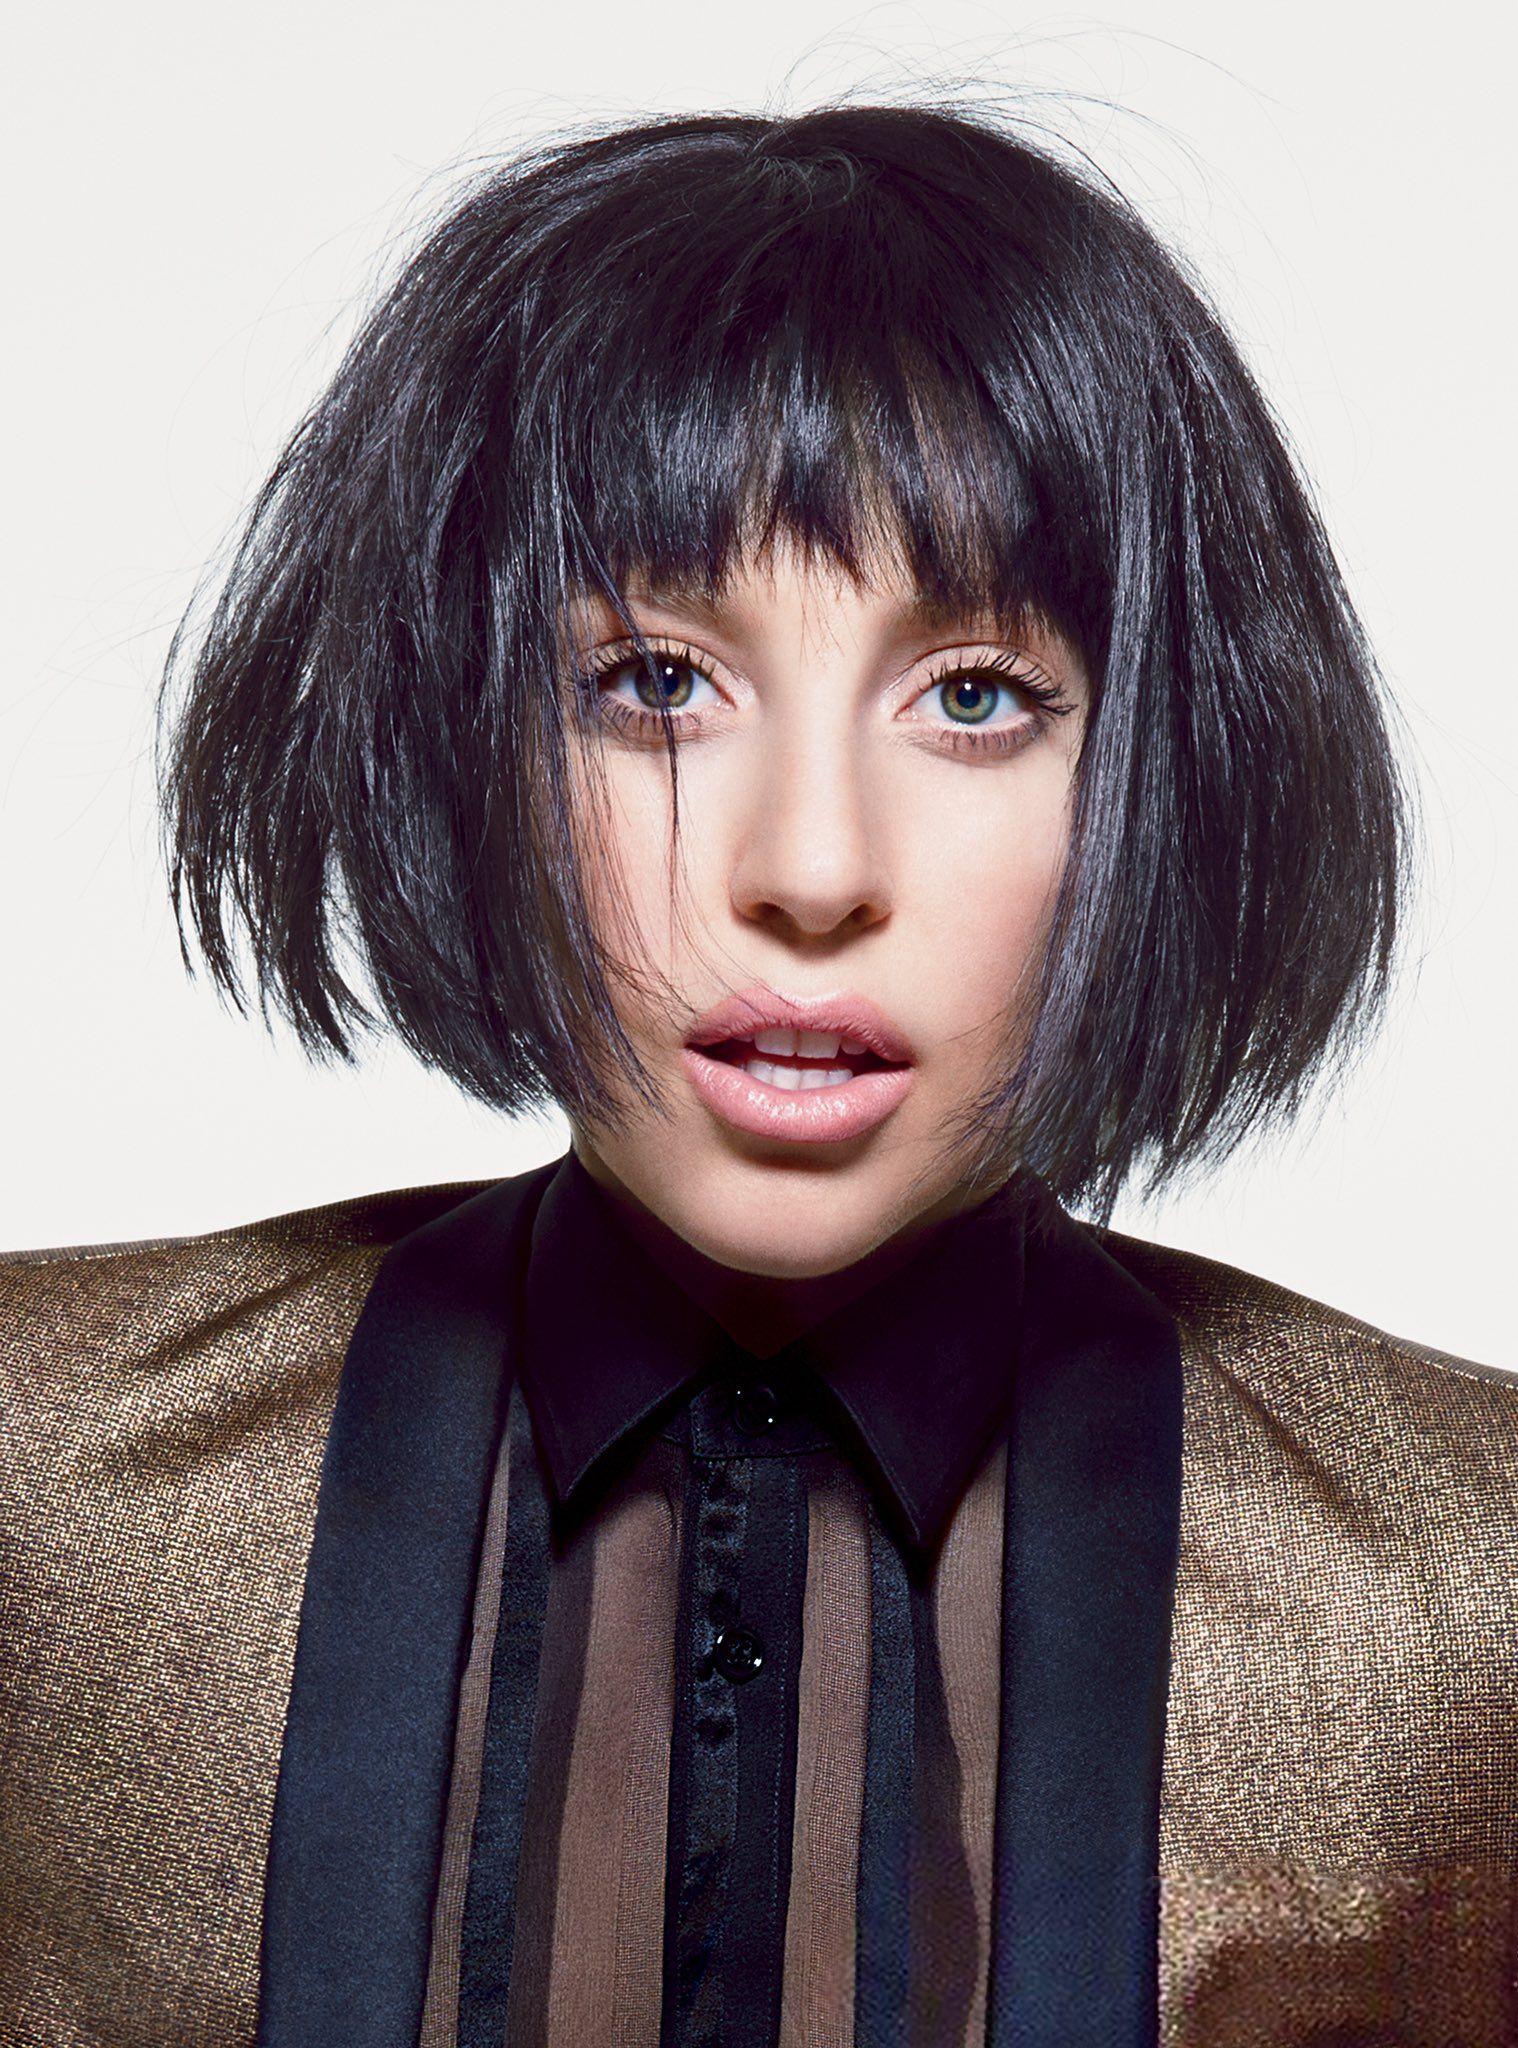 Lady Gaga Pics On Twitter Lady Gaga Artpop Lady Gaga Photos Lady Gaga Pictures